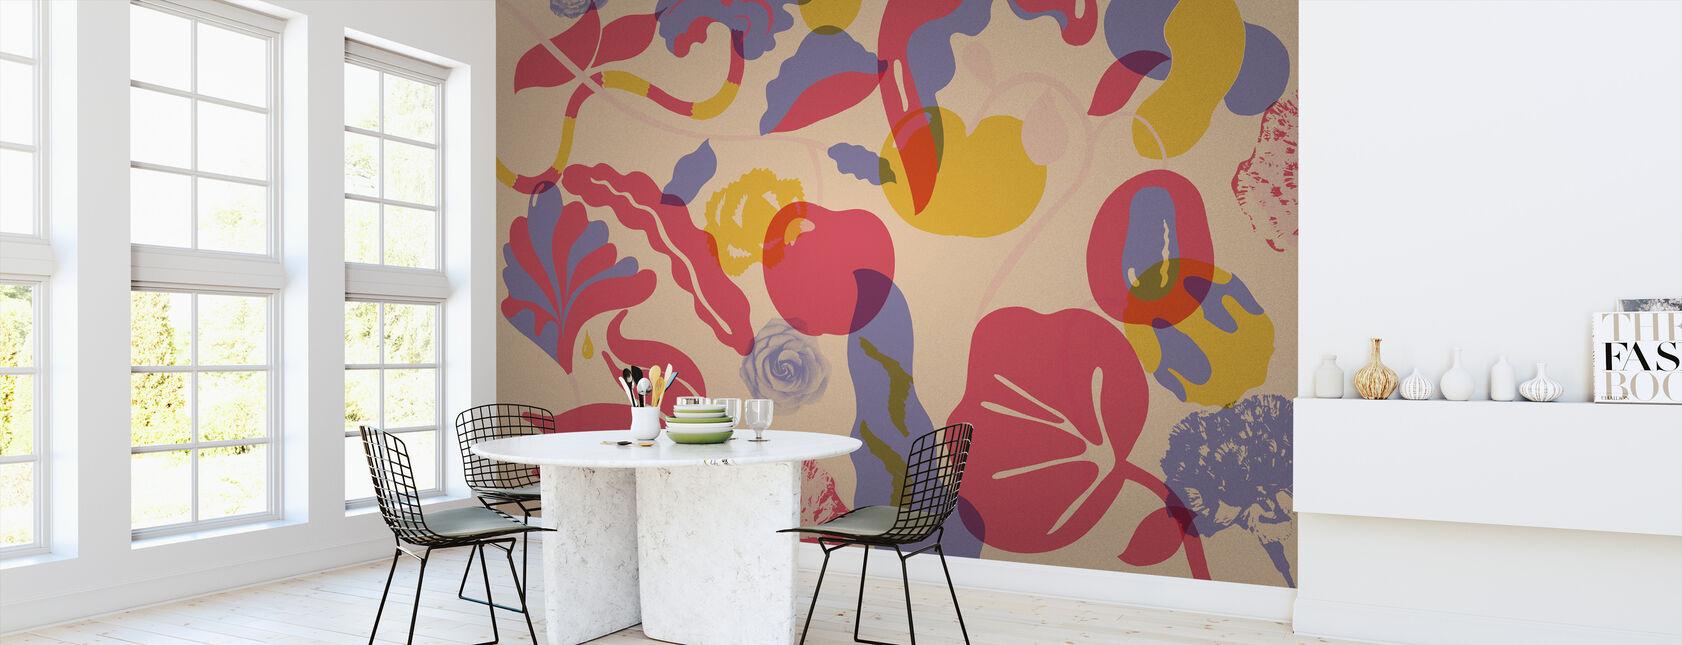 Rosebush - Tapet - Kjøkken